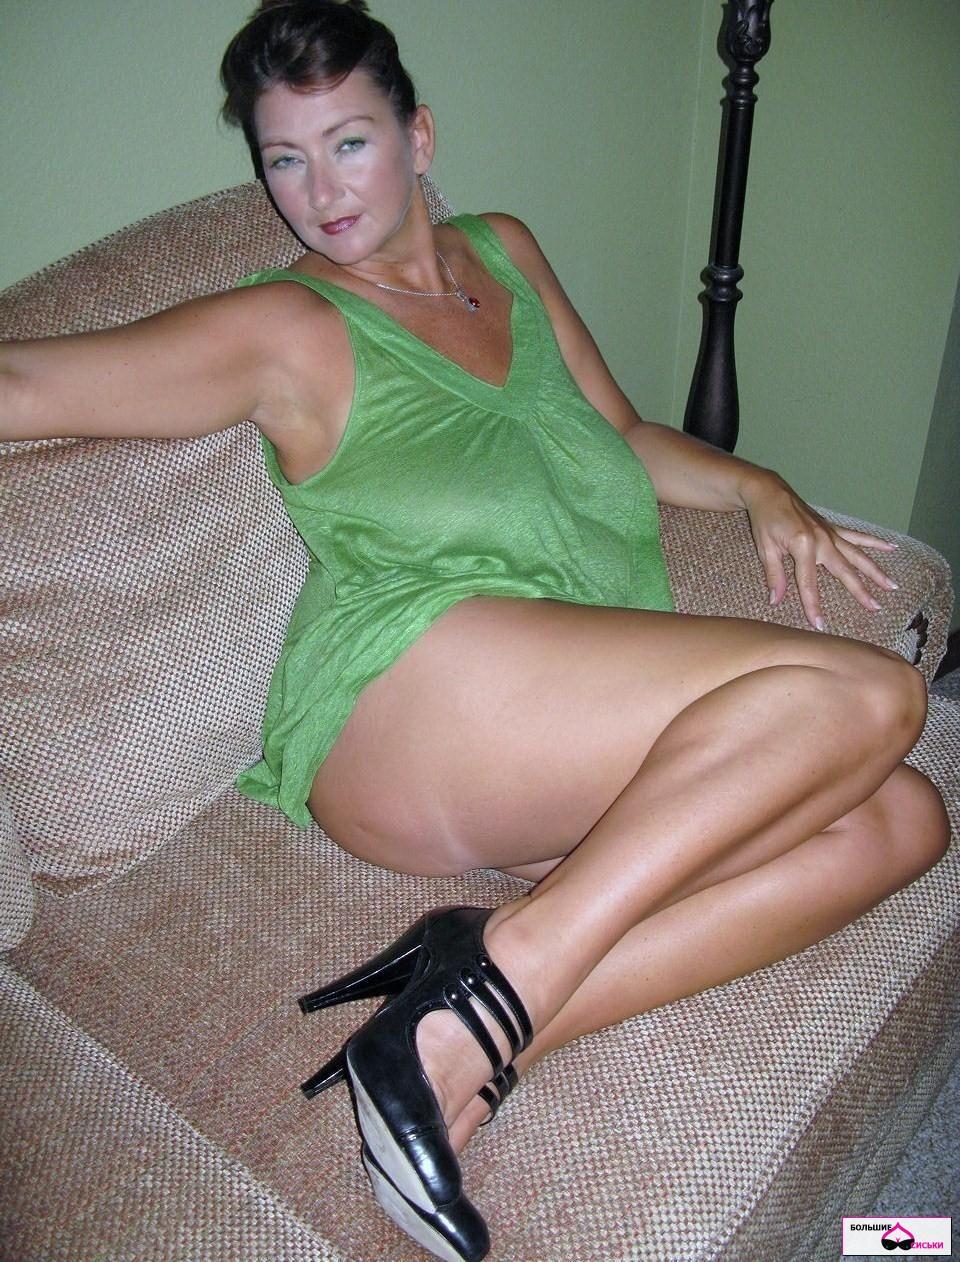 Большие Фото Голых Зрелых Женщин